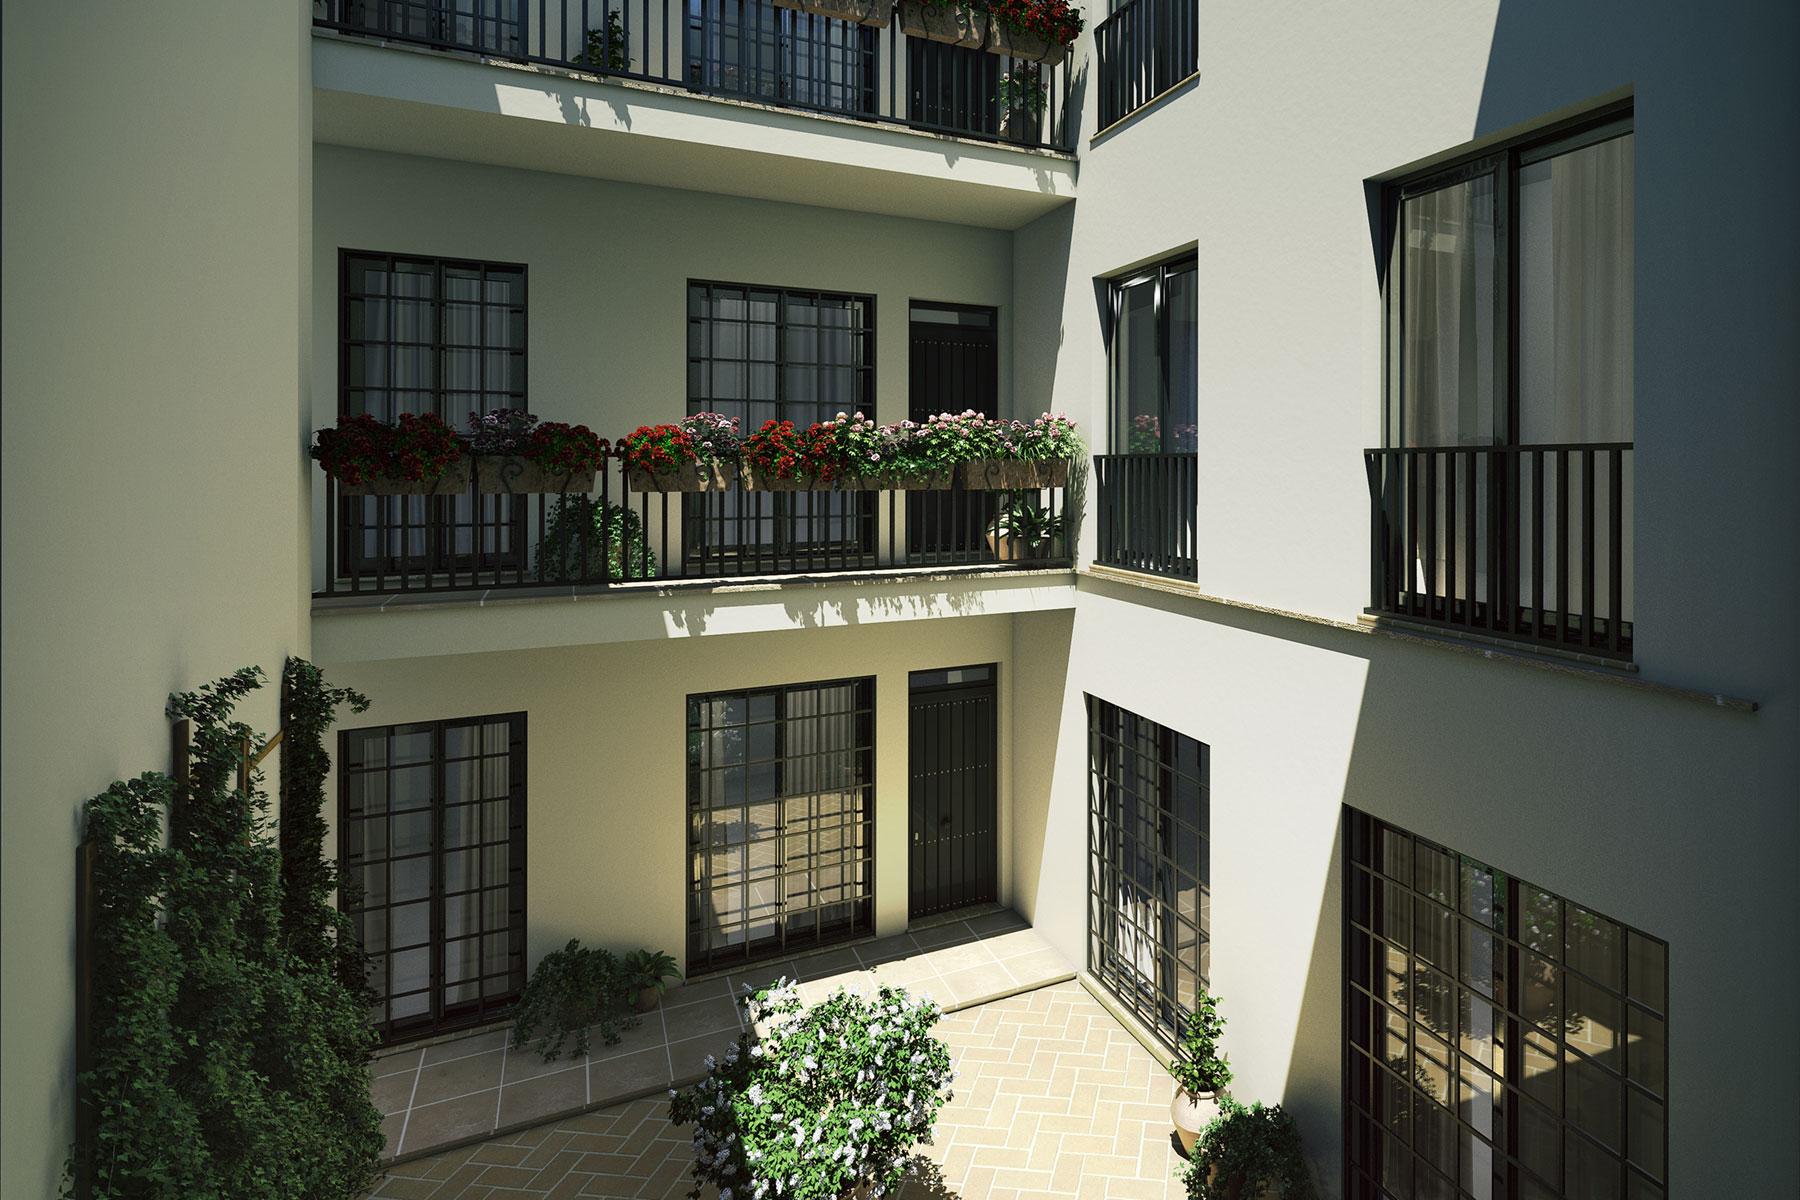 Edificio Almirante, Sevilla, patio interior